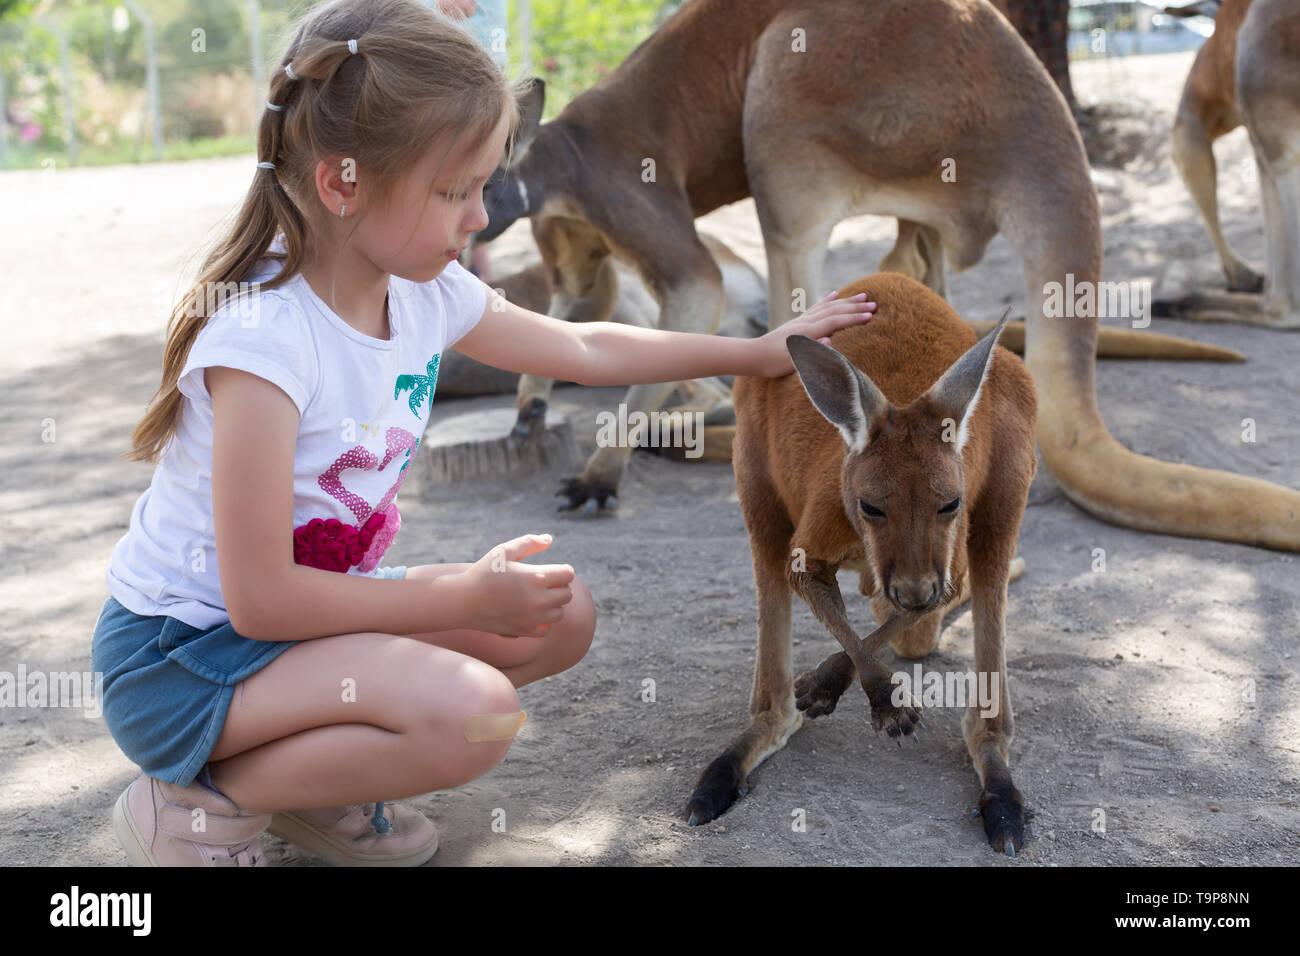 Girl feeds a kangaroo at the Australian Zoo Gan Guru in Kibbutz Nir David, in Israel - Stock Image